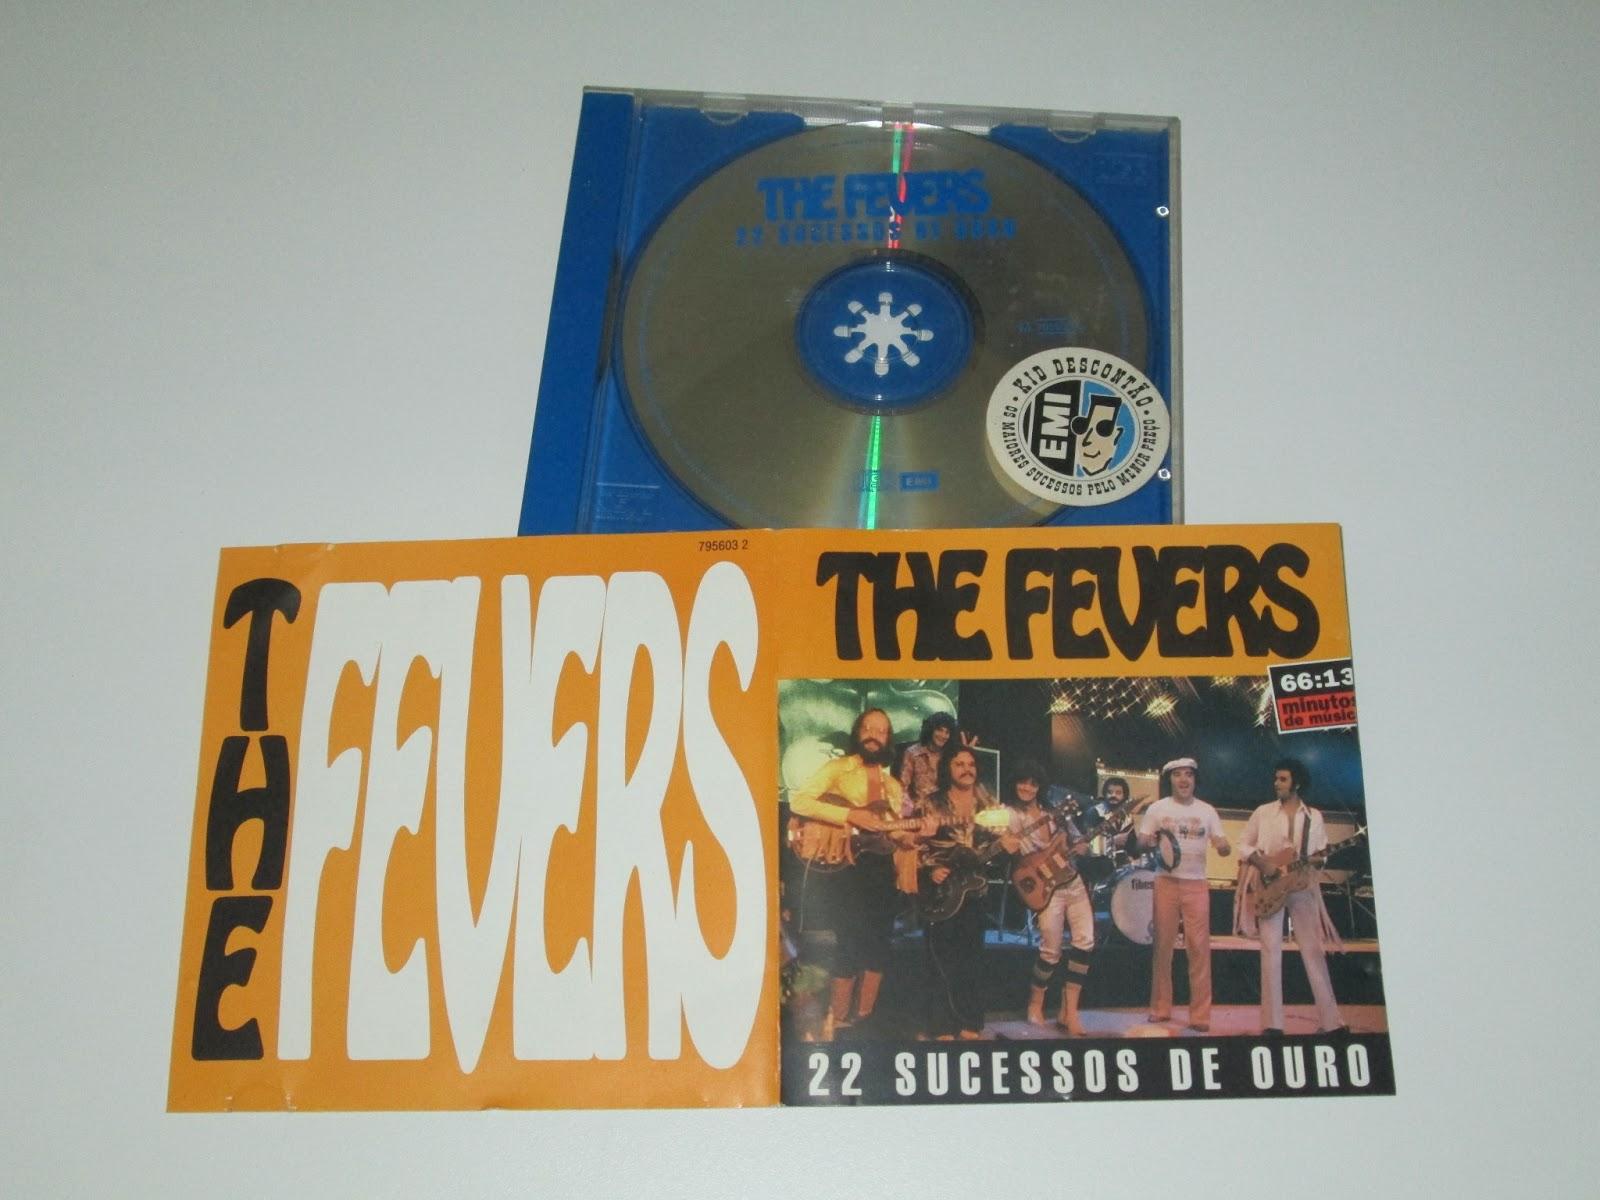 THE FEVERS - Letras, listas de reproducción y vídeos | Shazam